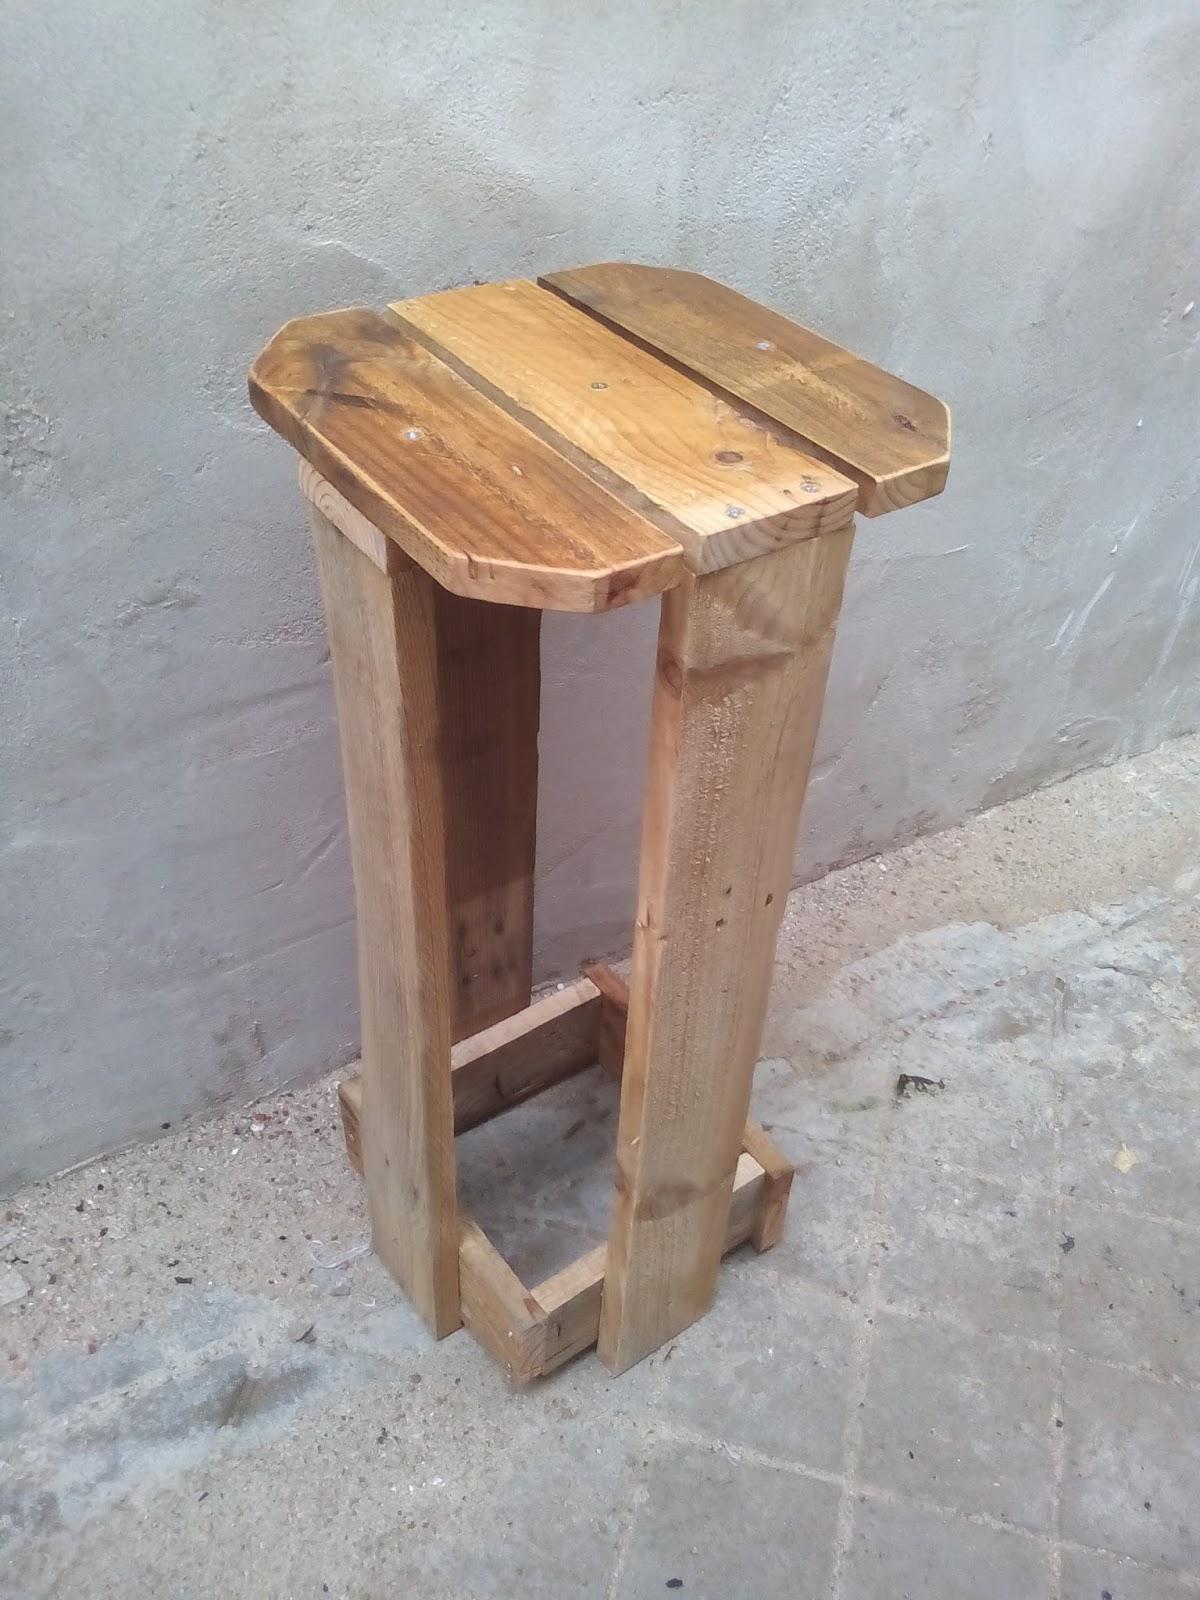 Supermanitas como hacer taburete con madera de pal s - Trabajos caseros para hacer en casa ...